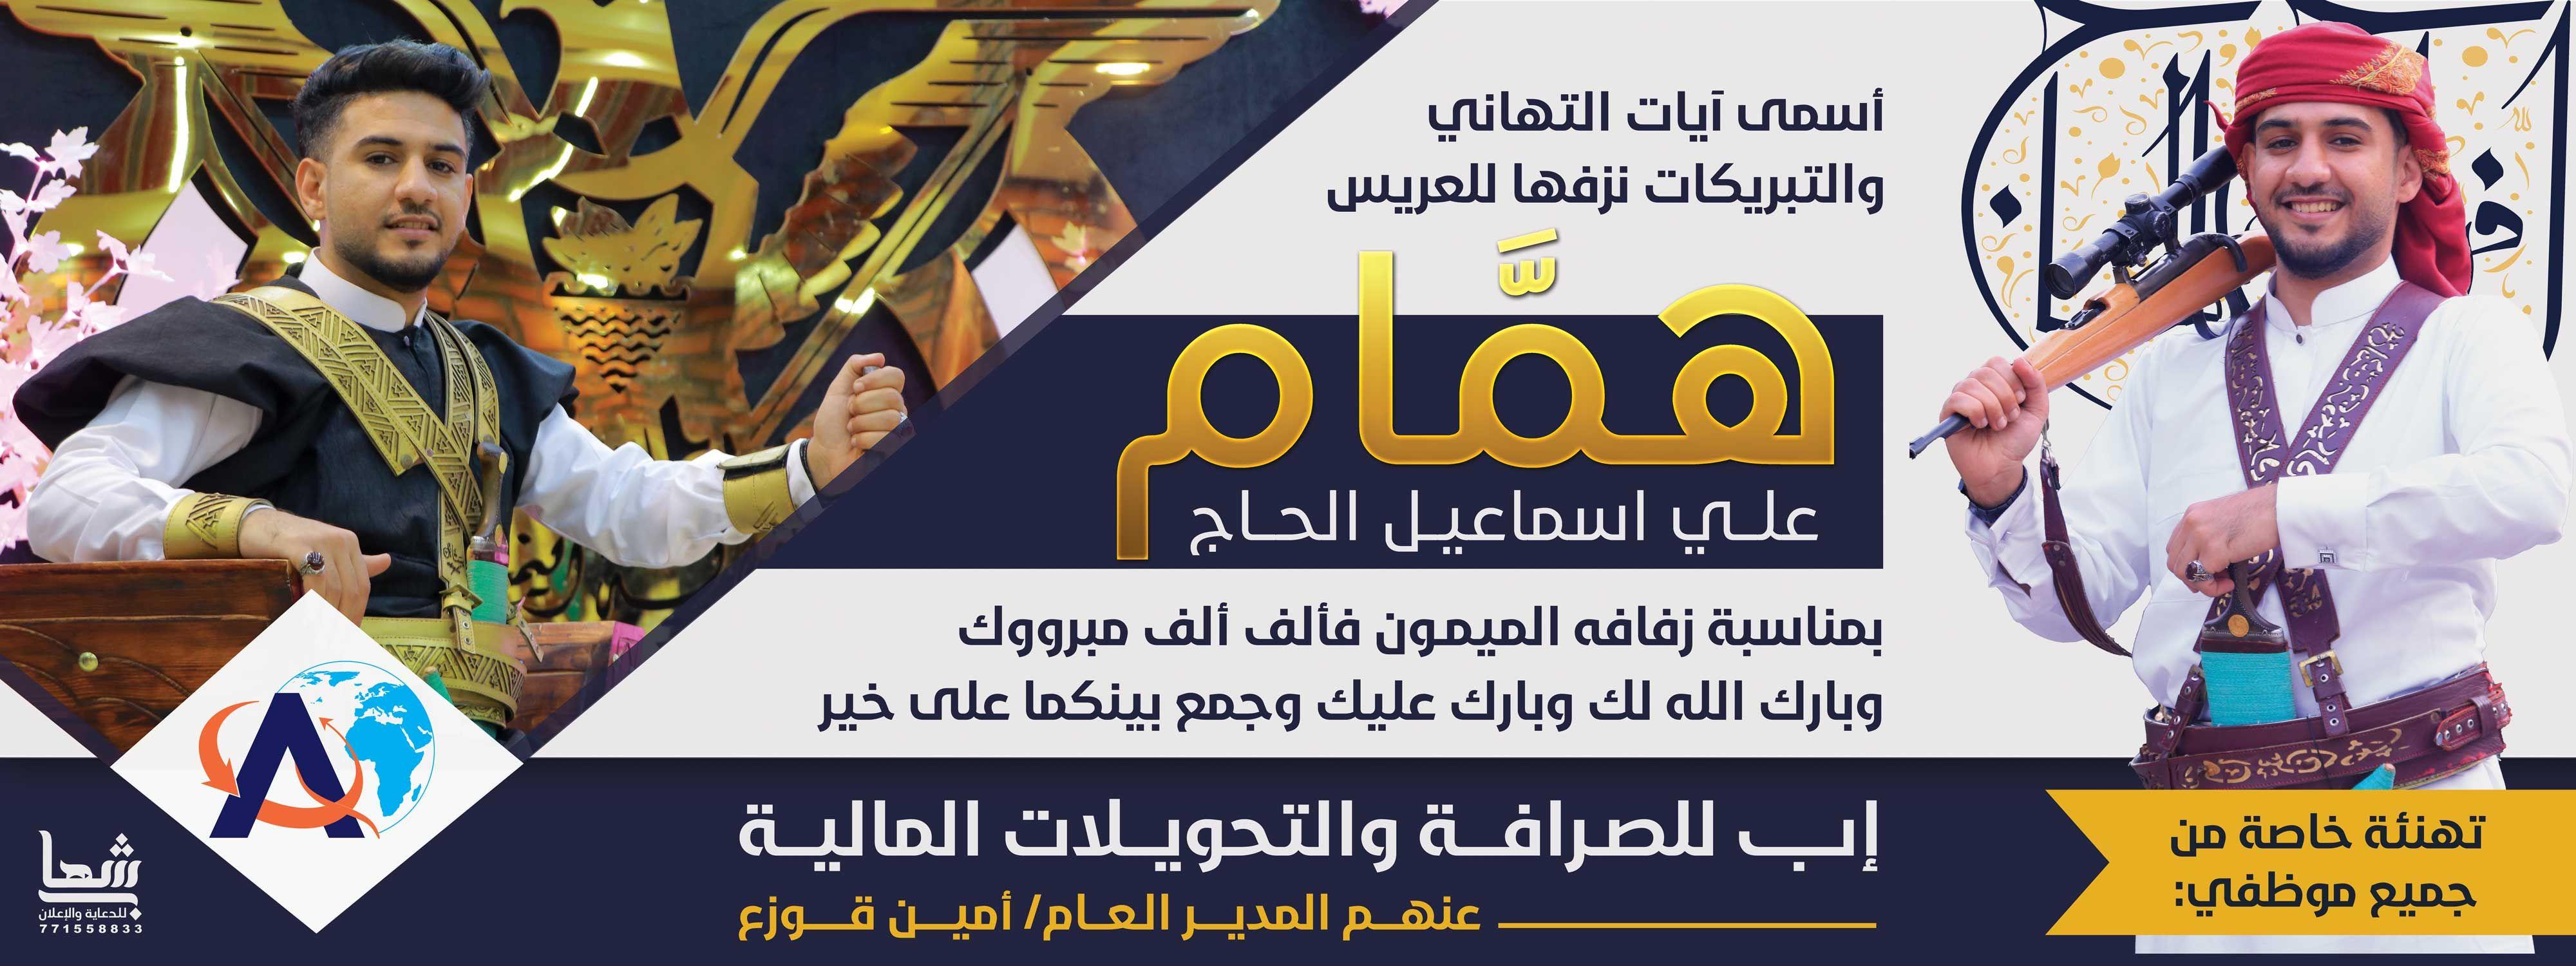 بنر تهنئة آل الحاج Advertising Photography Graphic Design Advertising Photoshop